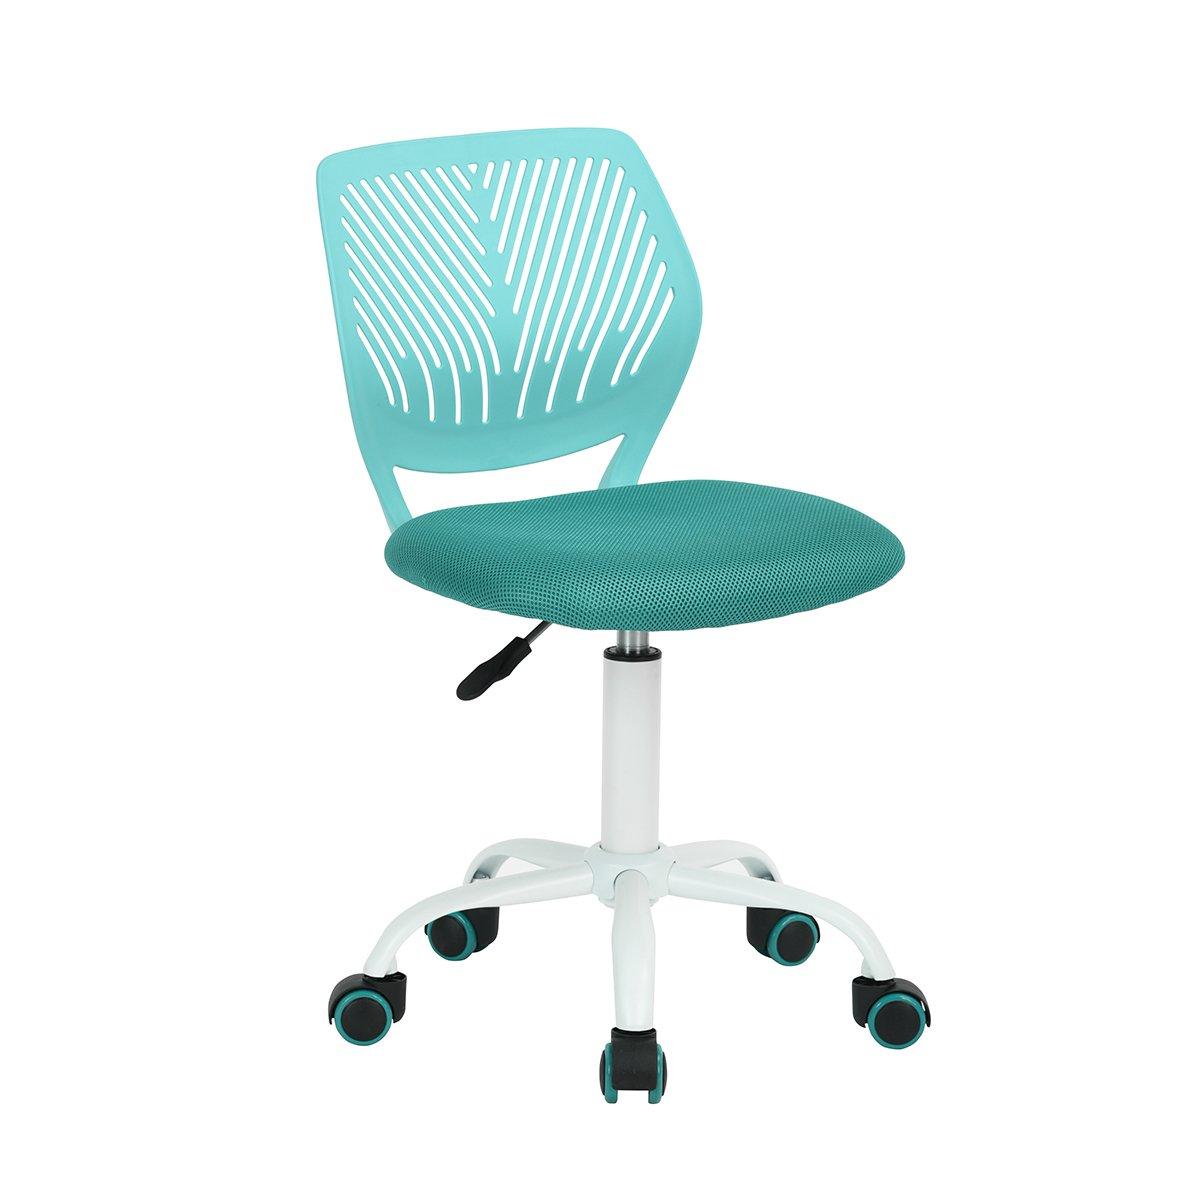 Carnation - Kindersitz Bürostuhl für Kinder aus Stoff Dactylo aus Stoff Verstellbar mit Rollen grün - türkis